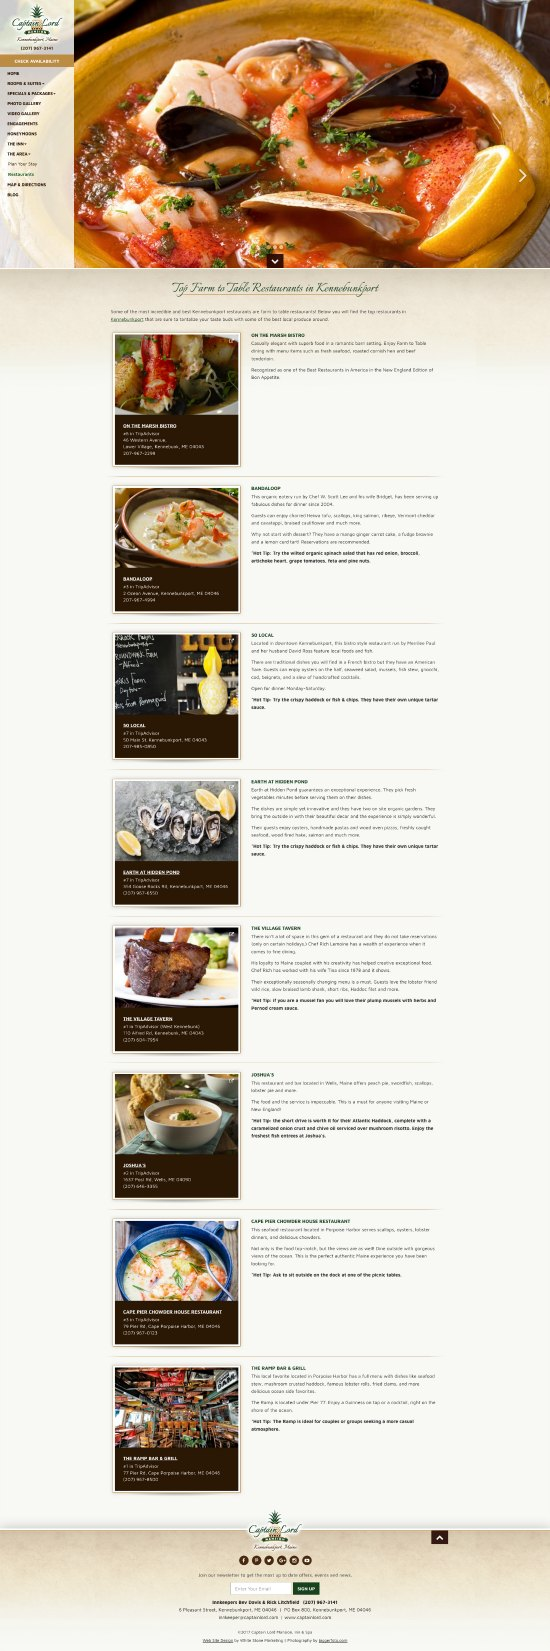 Best Restaurants in Kennbunkport